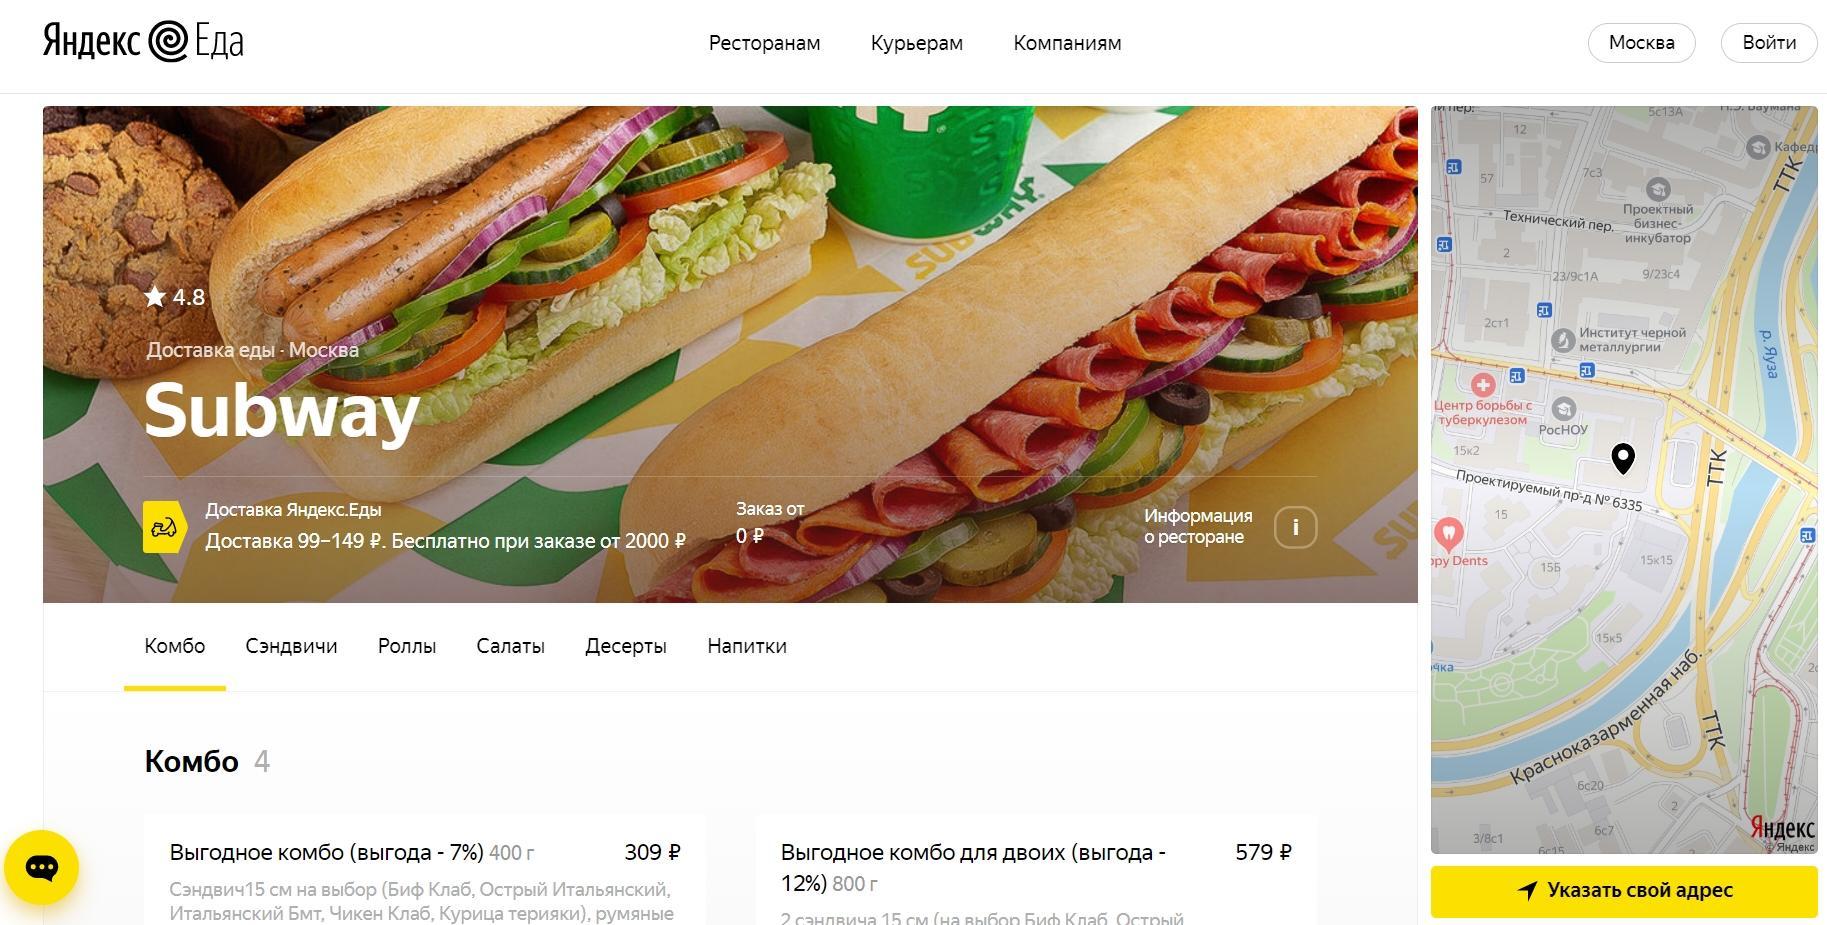 Заказ через сервис Яндекс.Еда